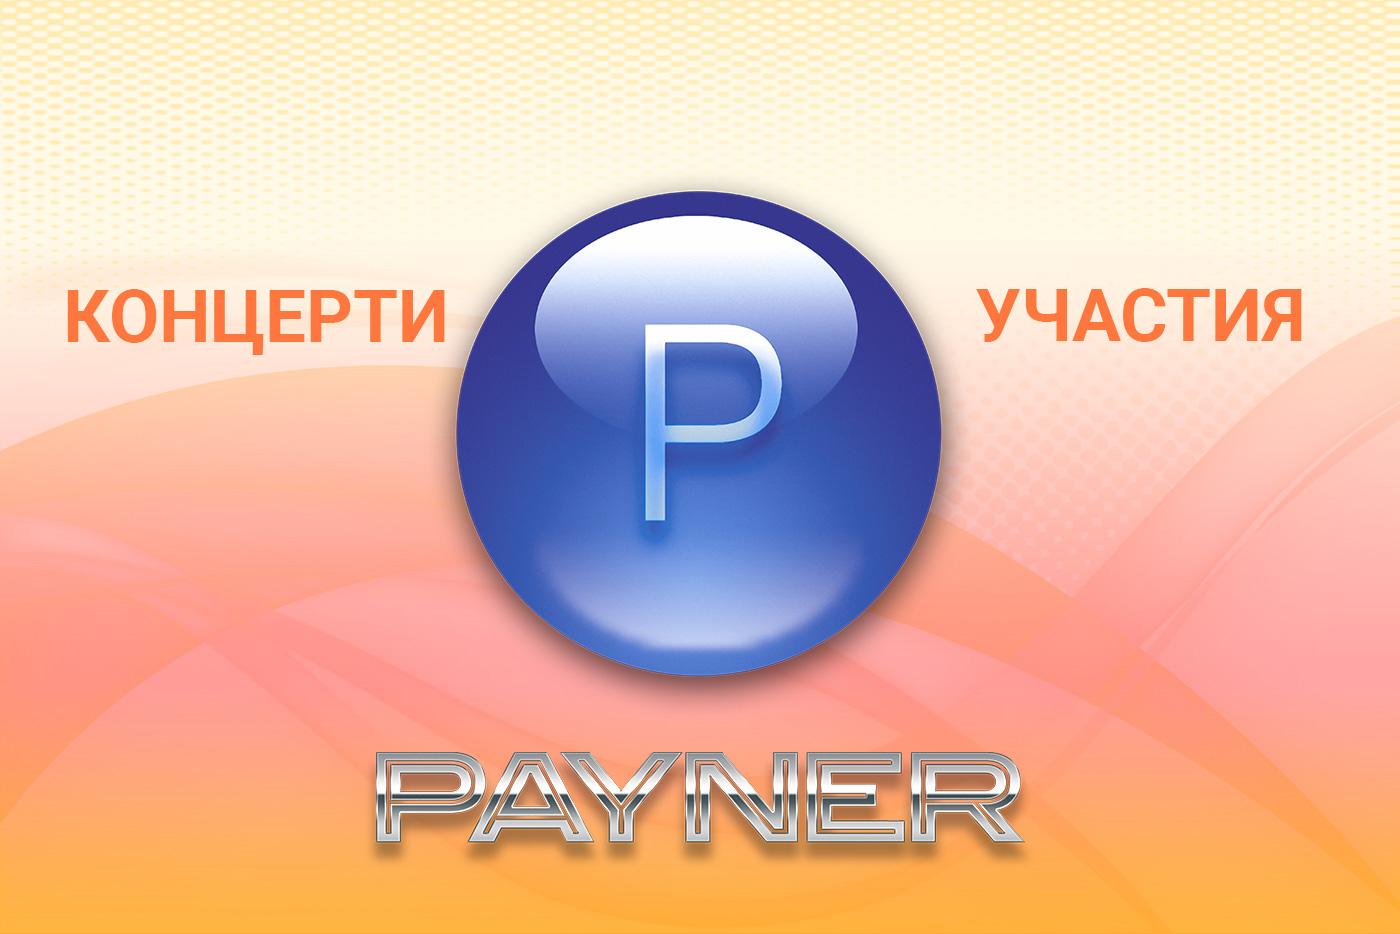 """Участия на звездите на """"Пайнер"""" на 08.11.2019"""